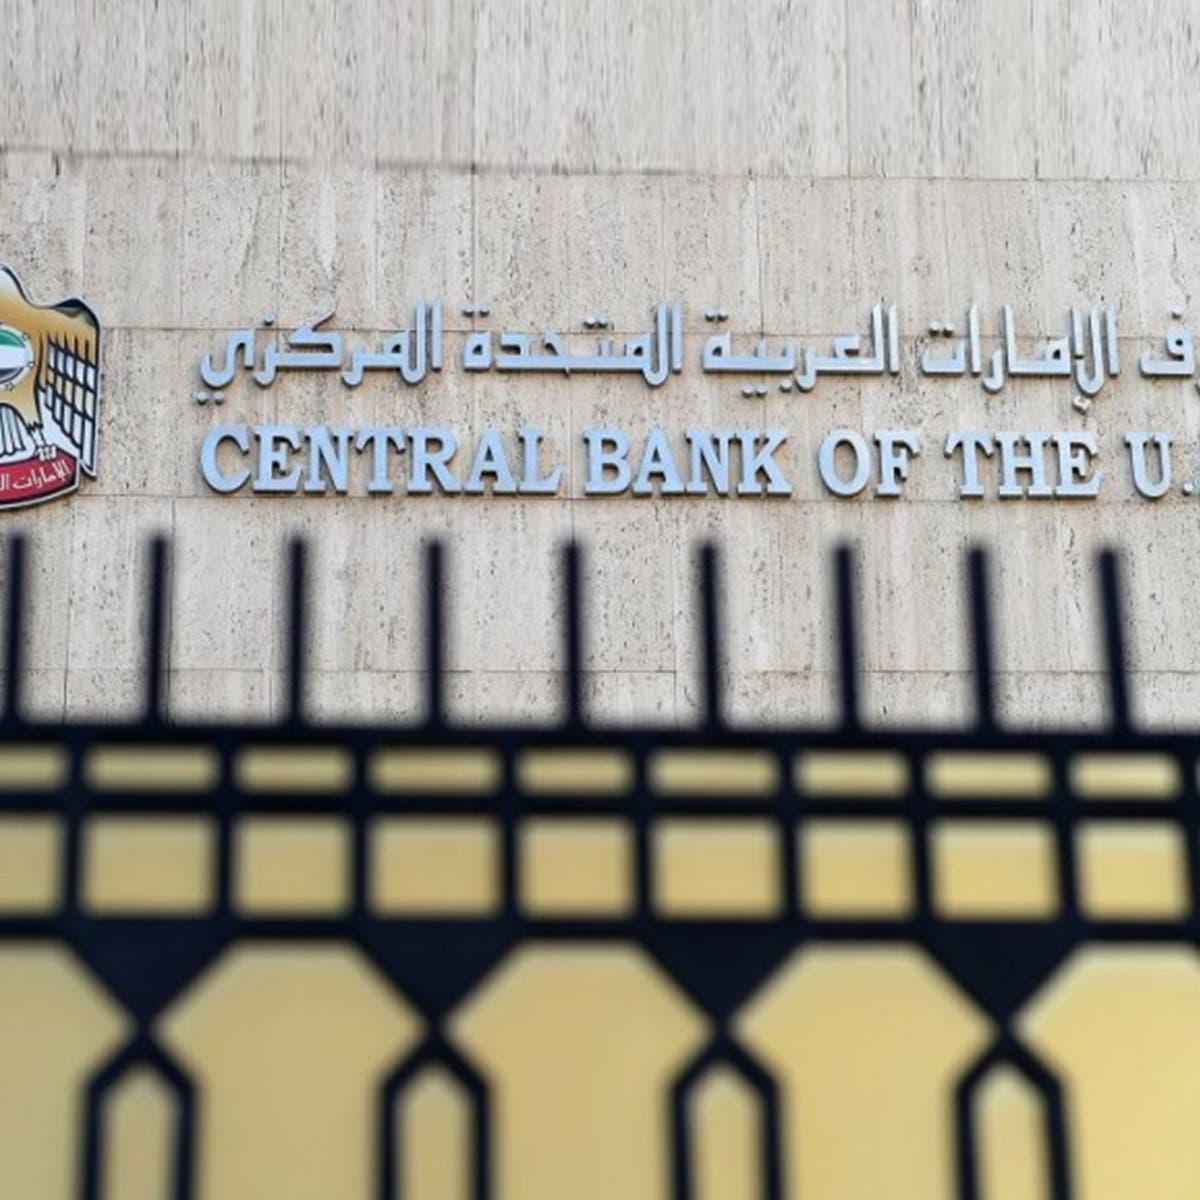 مصرف الإمارات المركزي يرفع سعر الفائدة الرئيسي